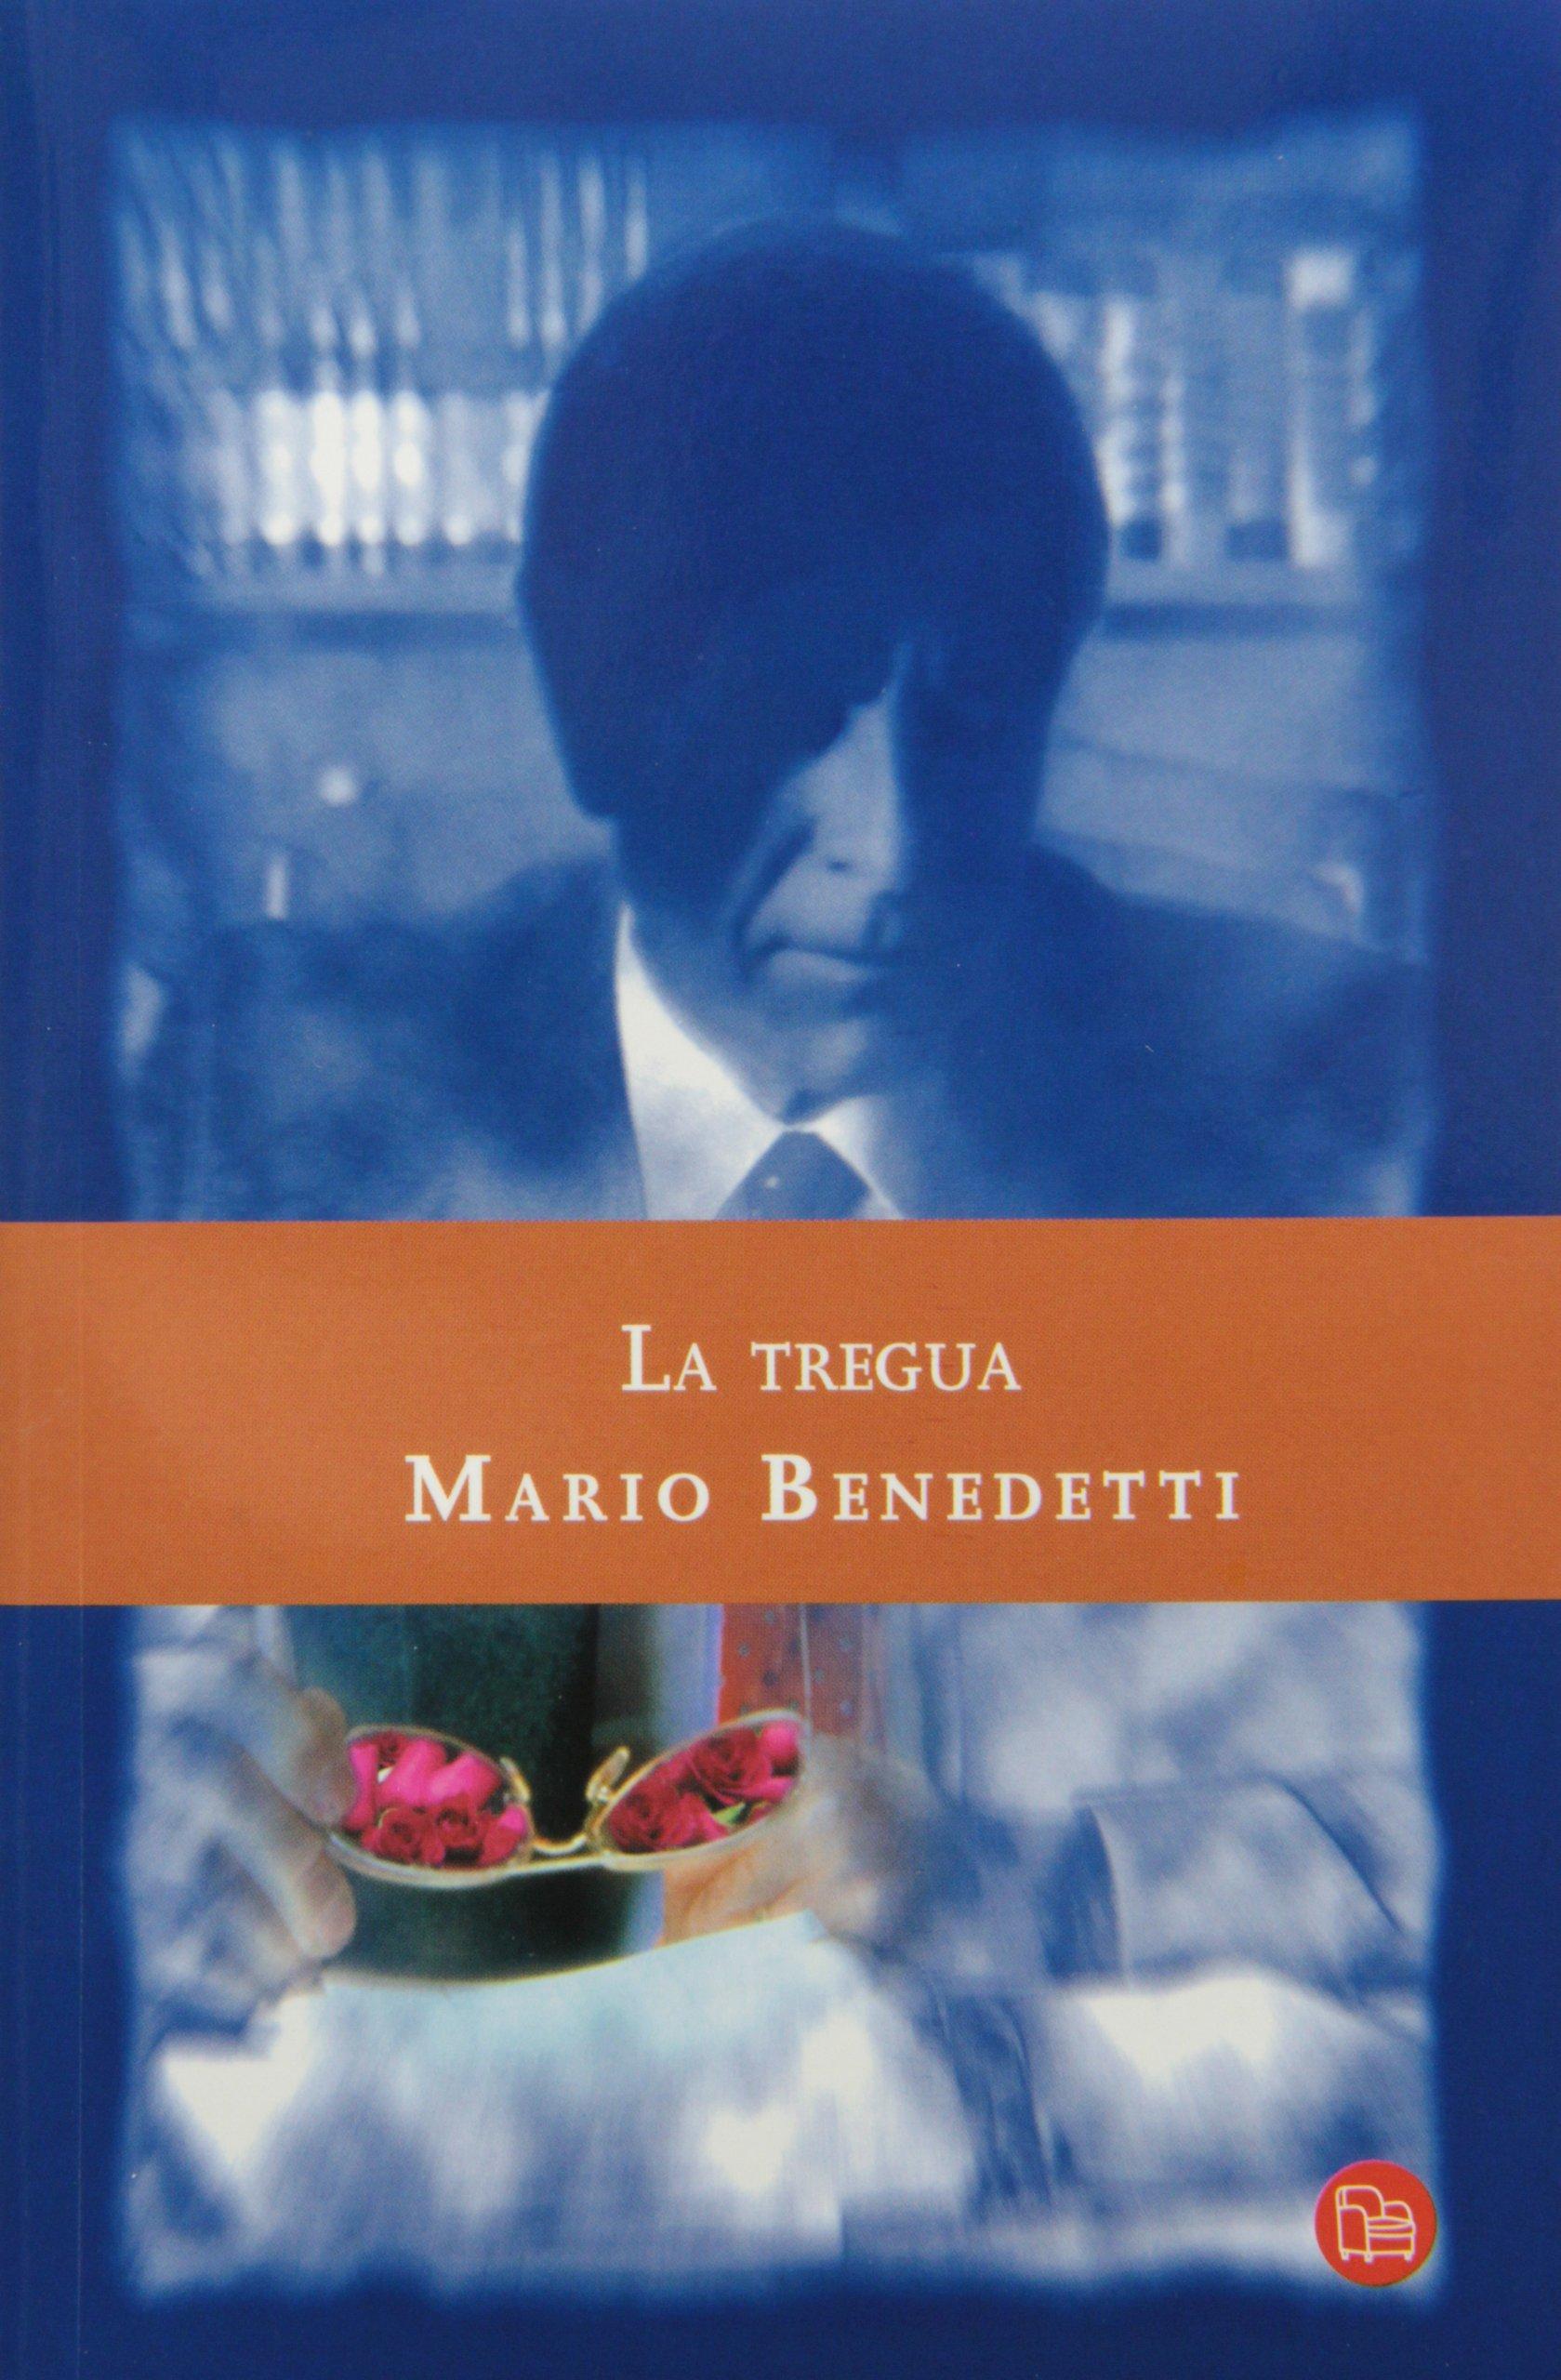 La tregua ( Truce ) (Spanish Edition) (Narrativa (Punto de Lectura)) pdf